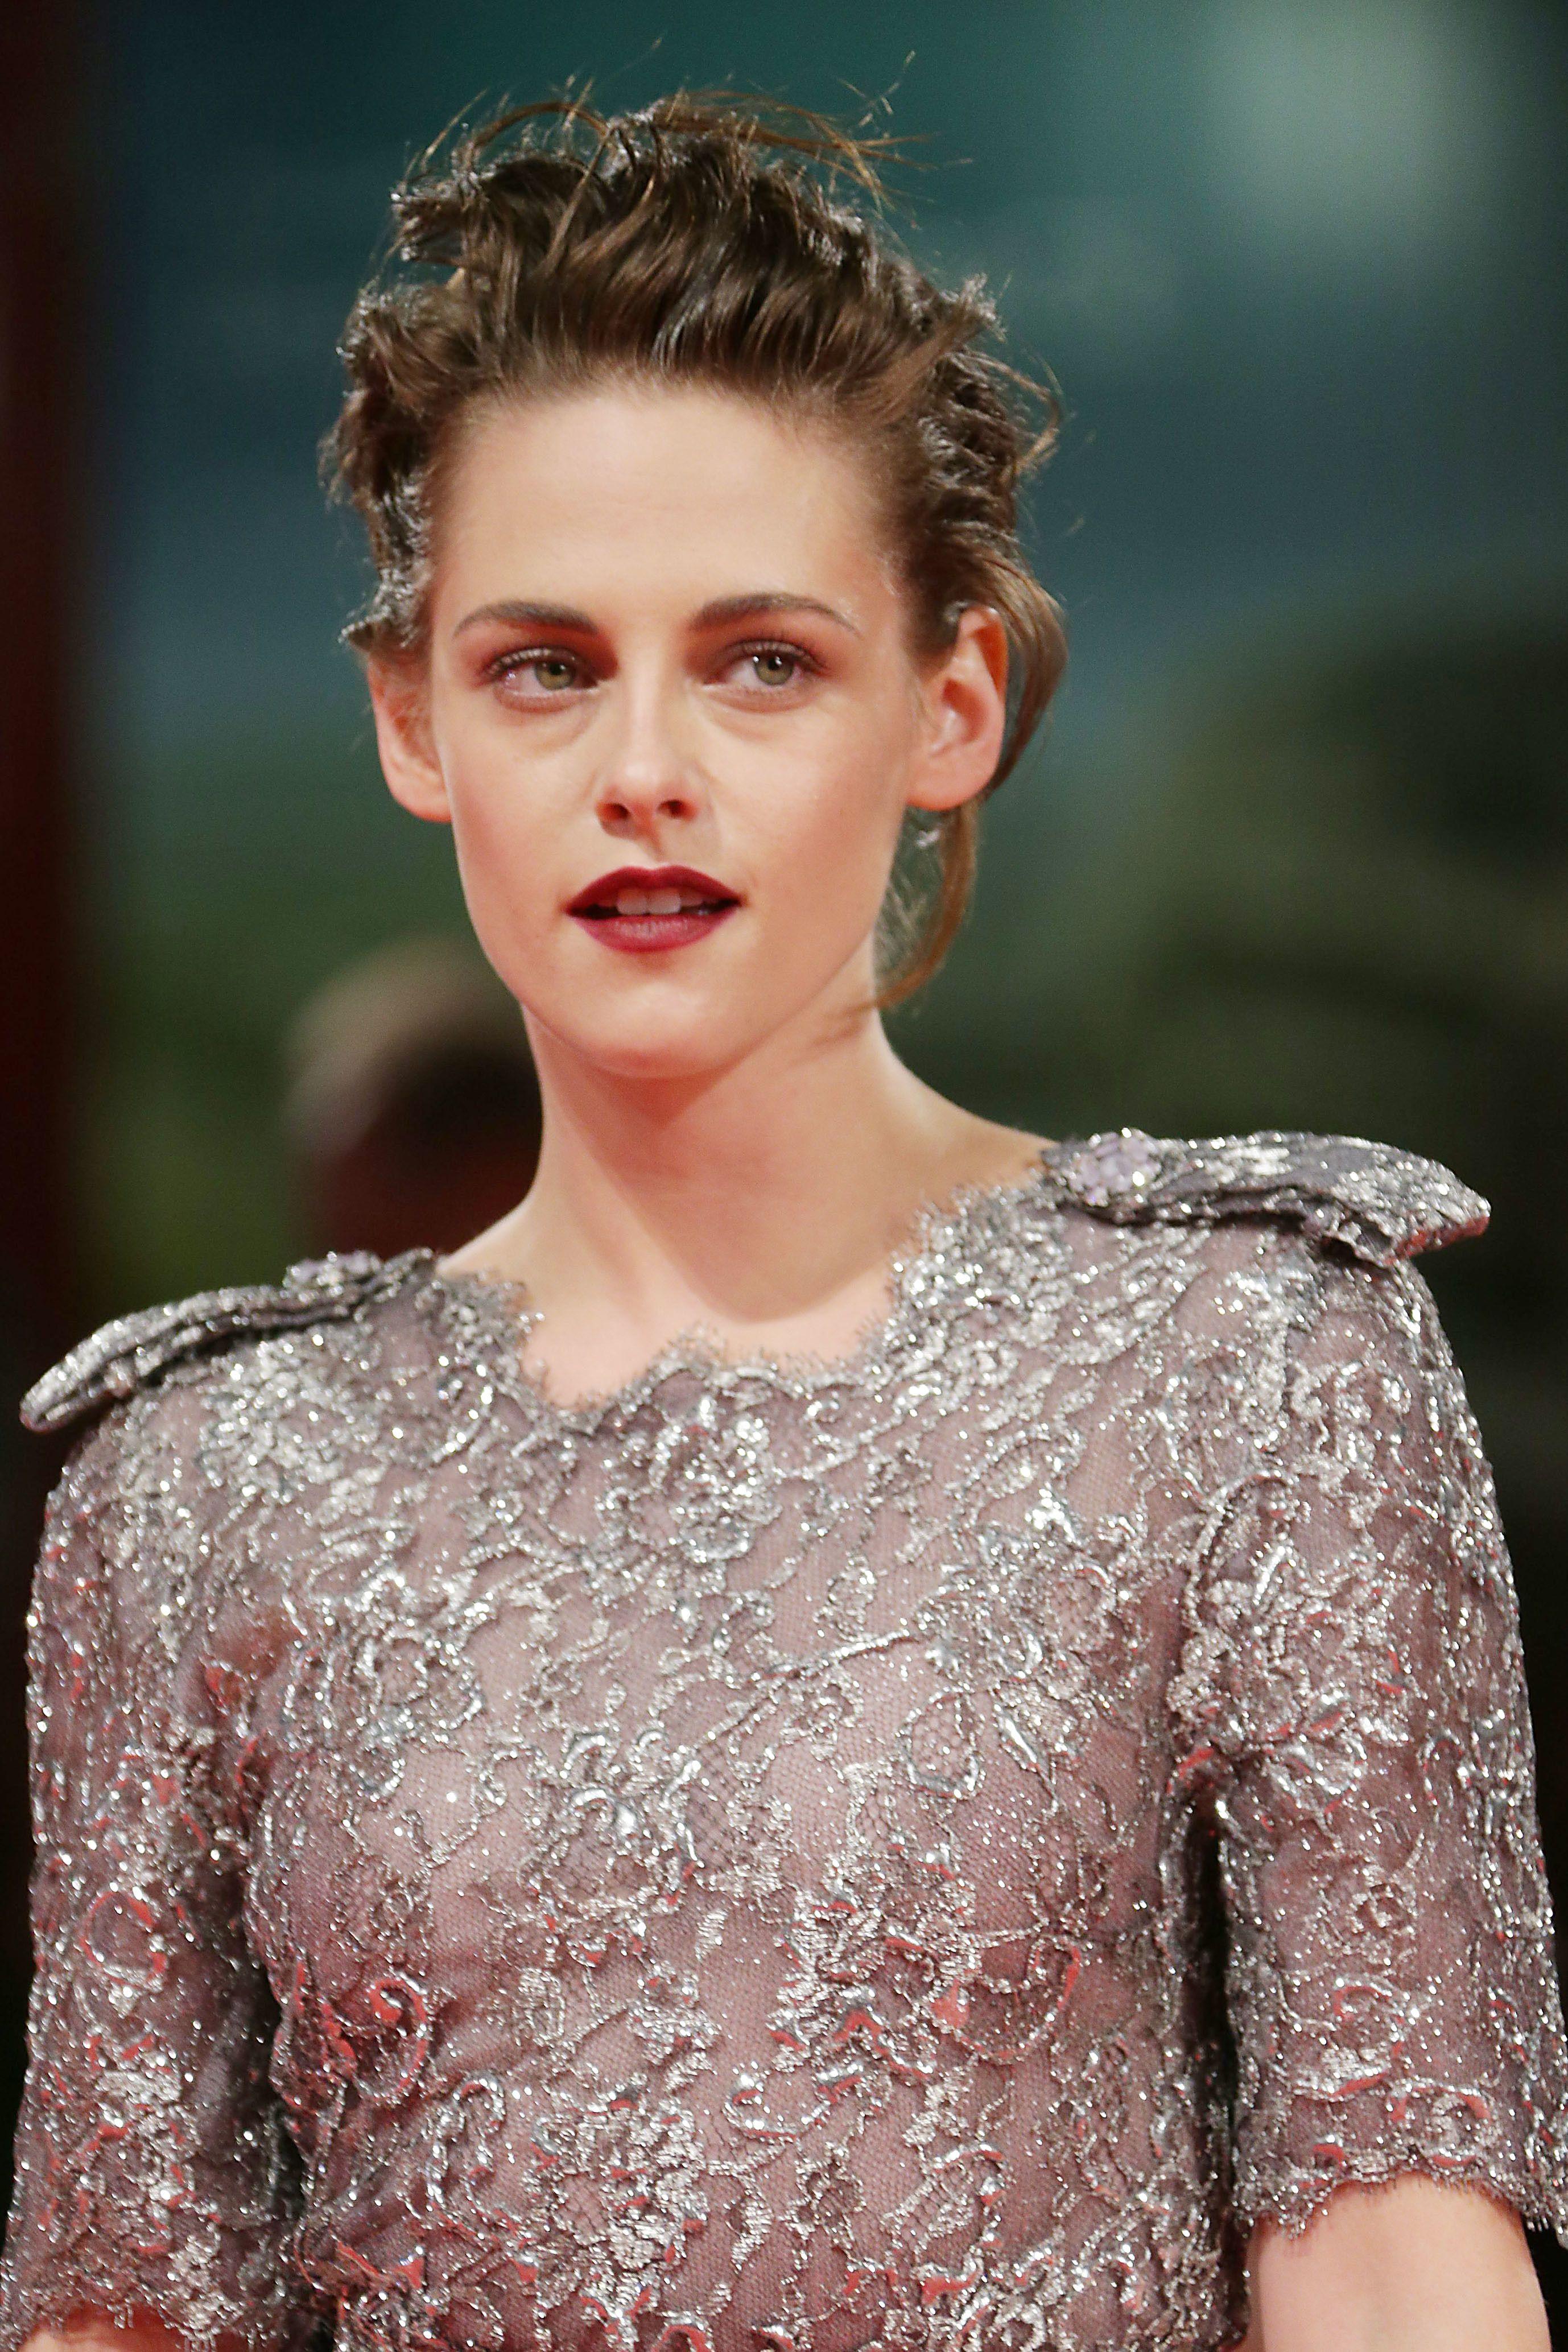 infonetorg: Kristen Stewart On The Road Premiere